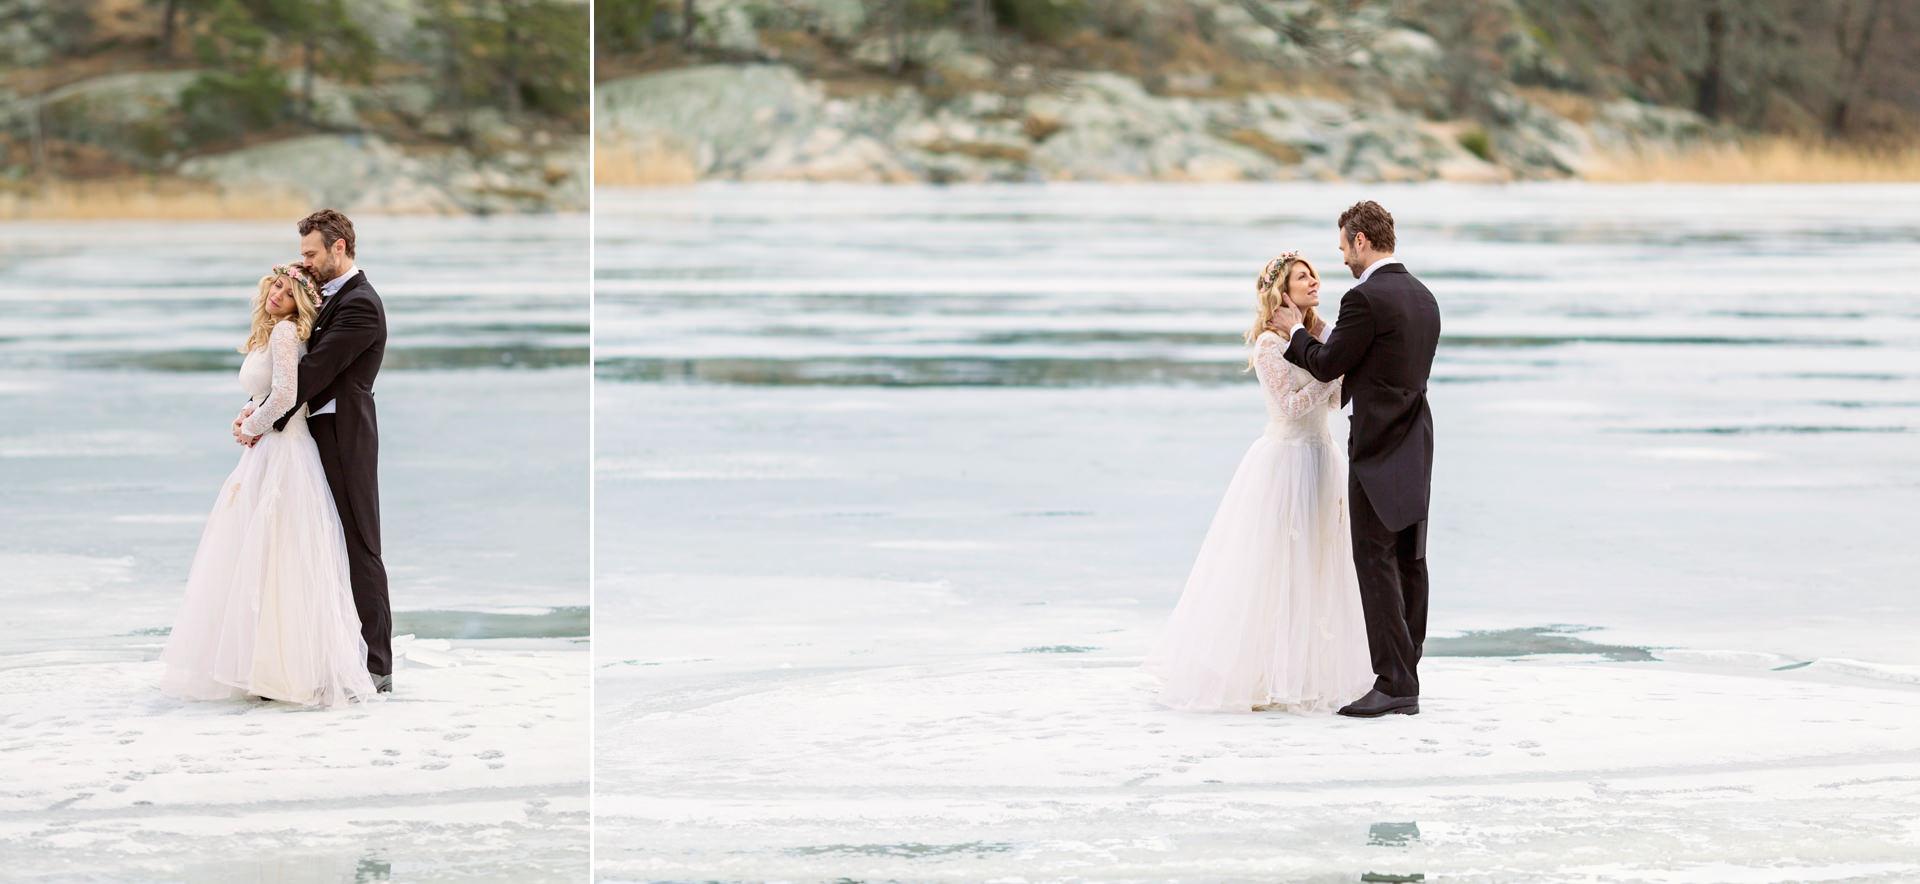 Bröllopsporträtt vinterbröllop Hagaparken